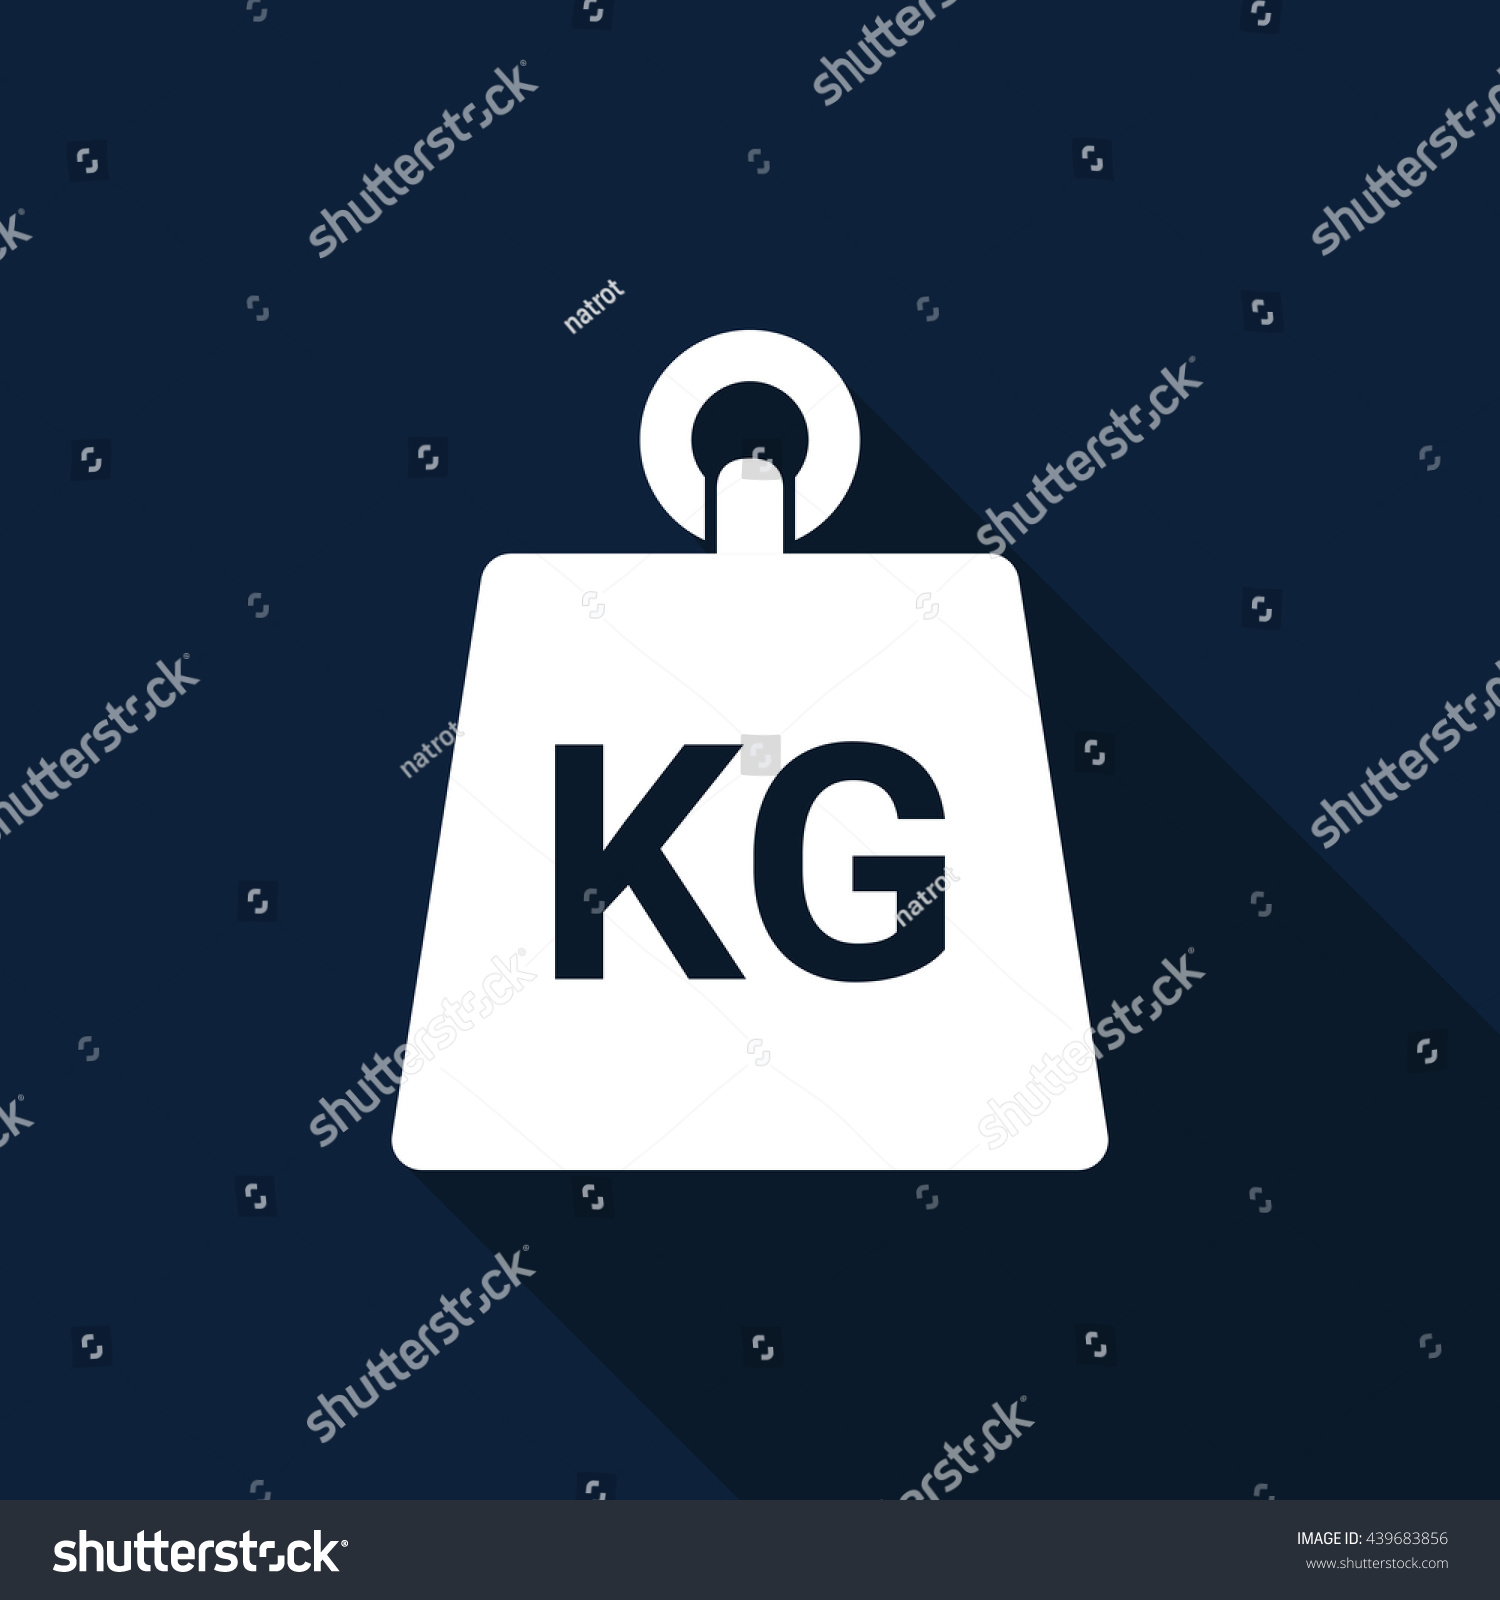 Weight Kilogram Icon Vector Stock Vector 439683856 Shutterstock